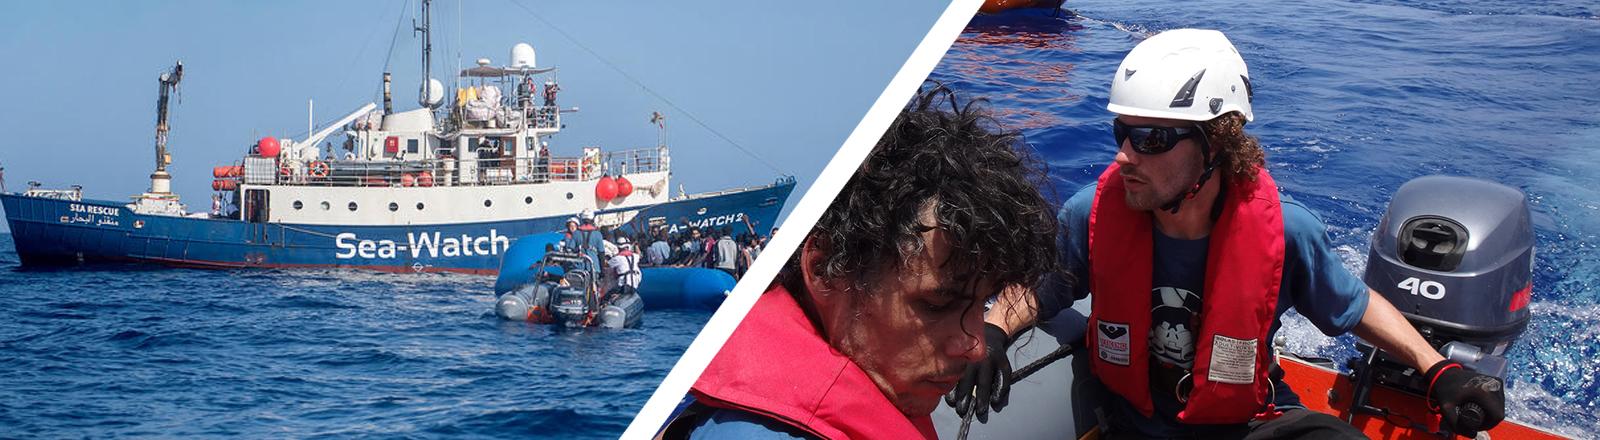 Collage: Links die Sea-Watch 2 auf hoher See, rechts 2 Männer in einem Schlauchboot.